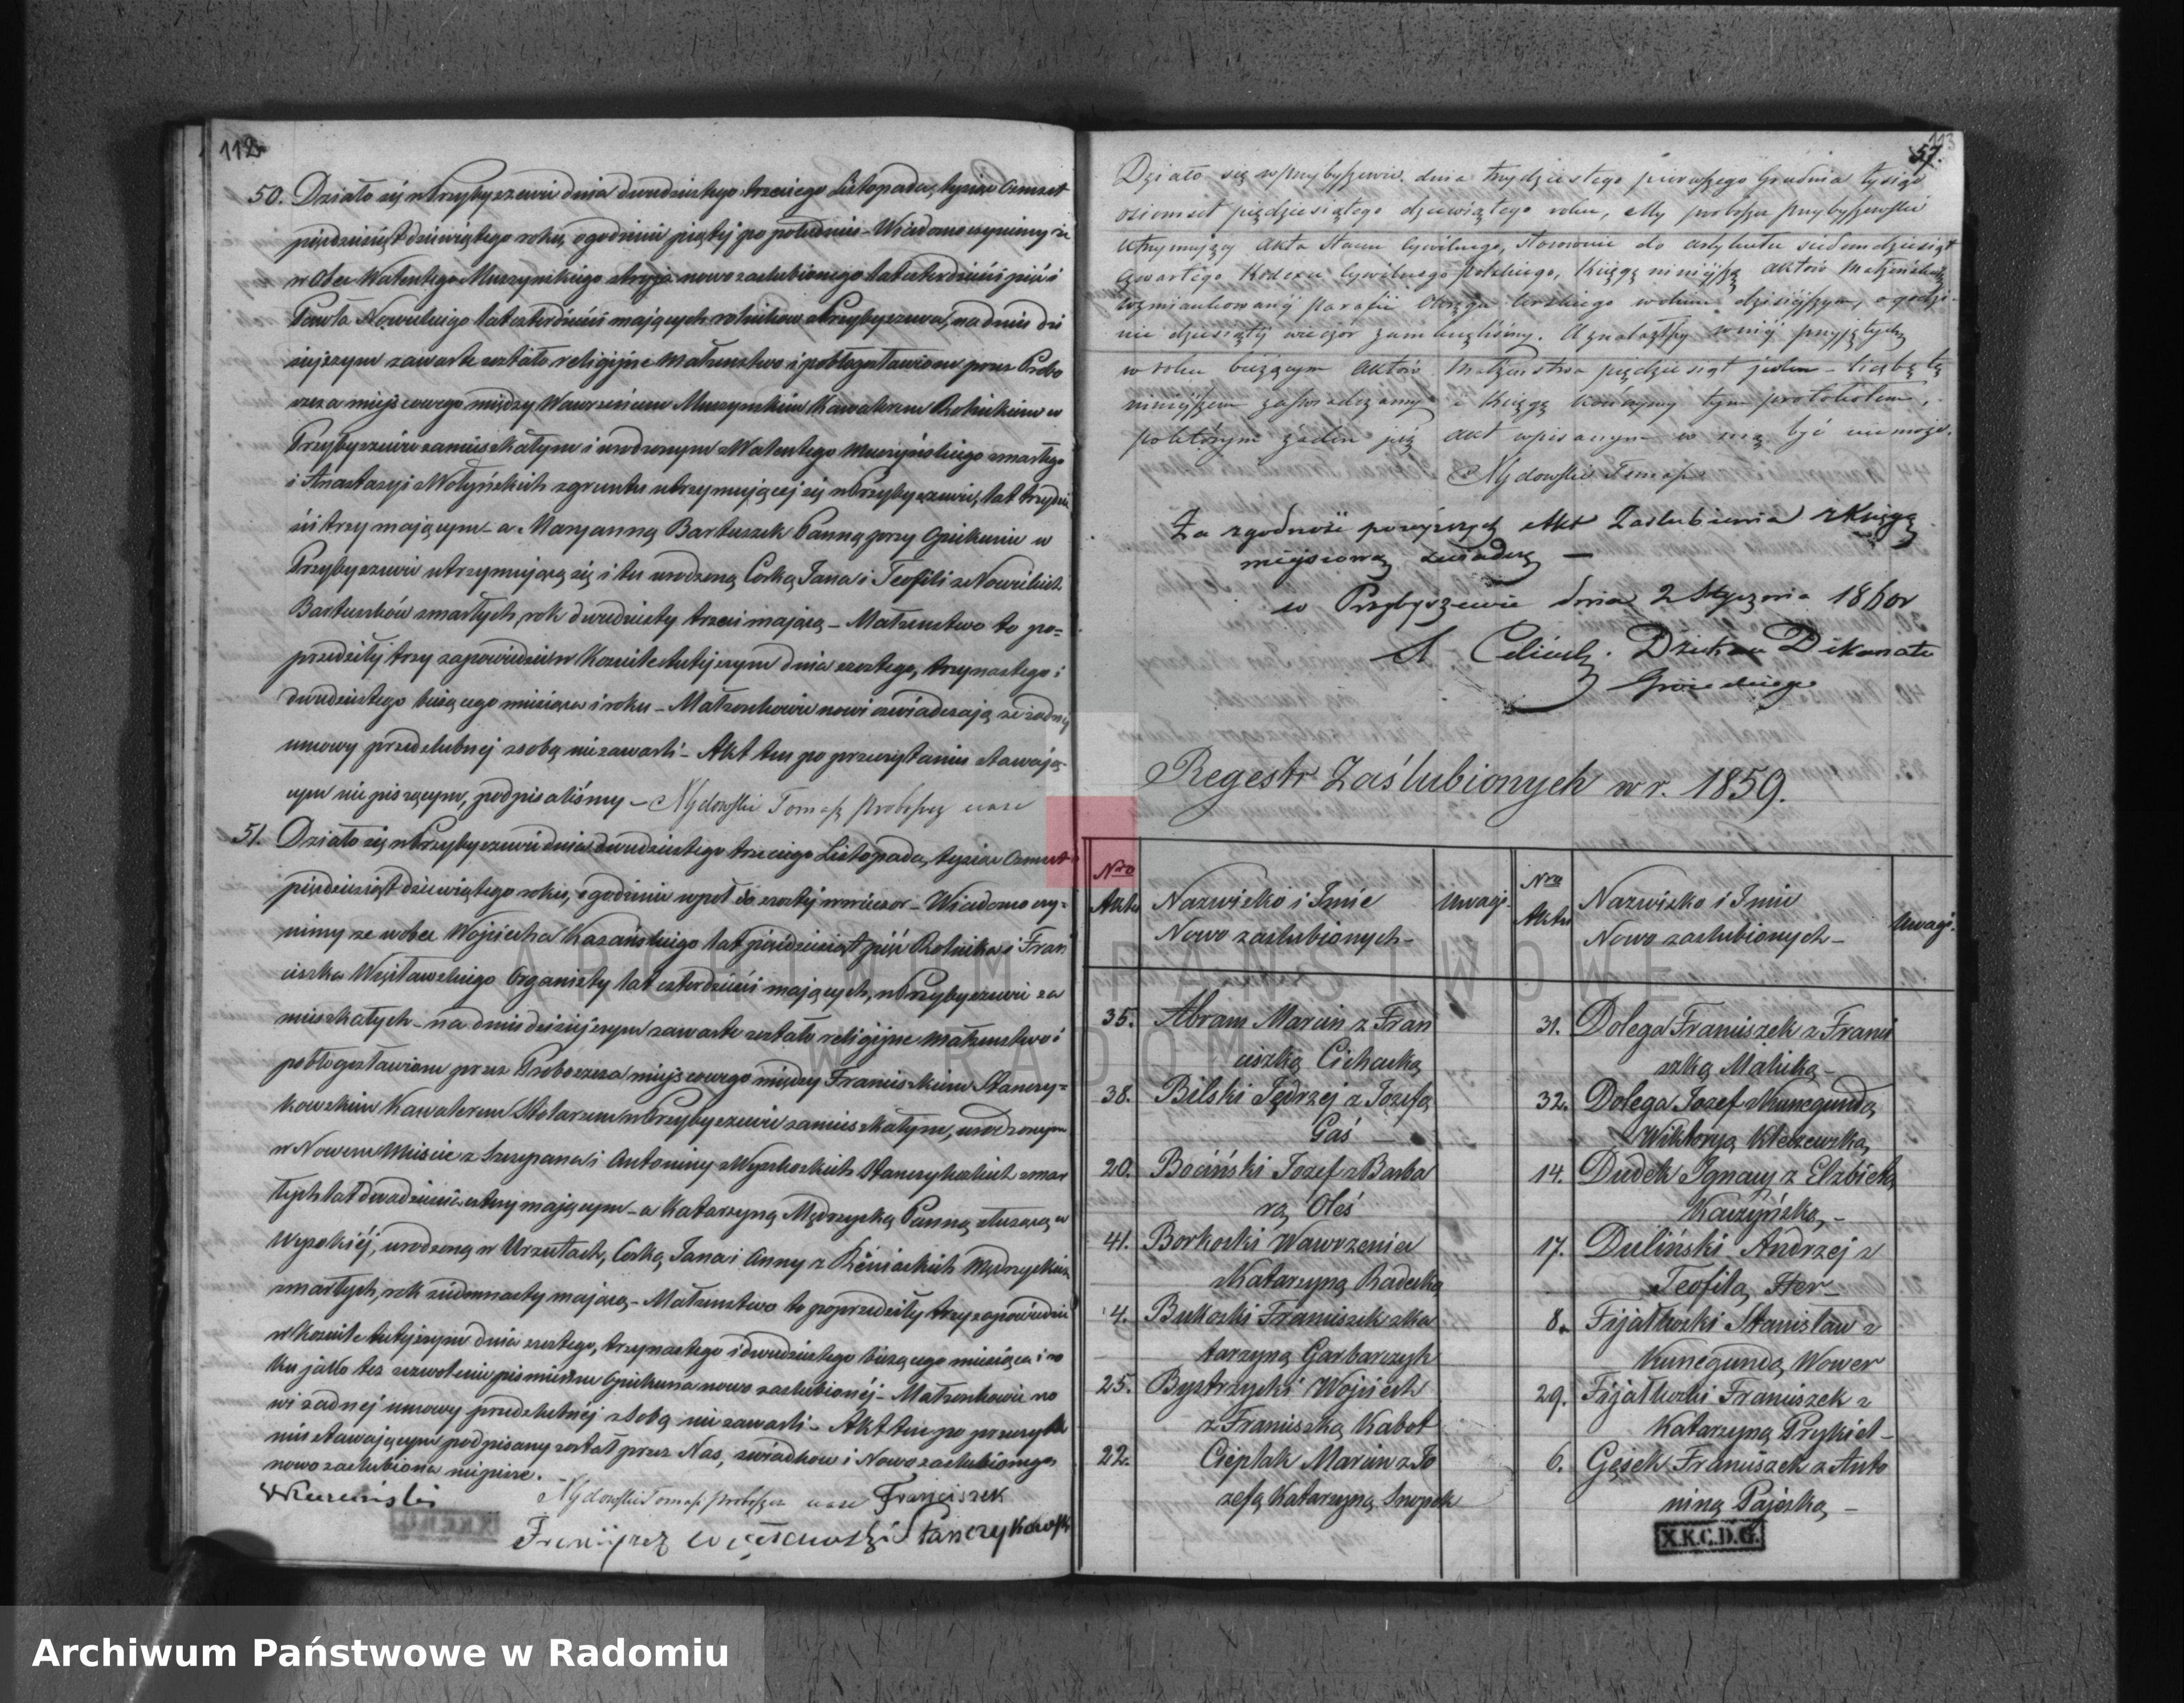 Skan z jednostki: Duplikat akt urodzonych, zaślubionych i zmarłych na rok 1859 w parafii Przybyszewskiej